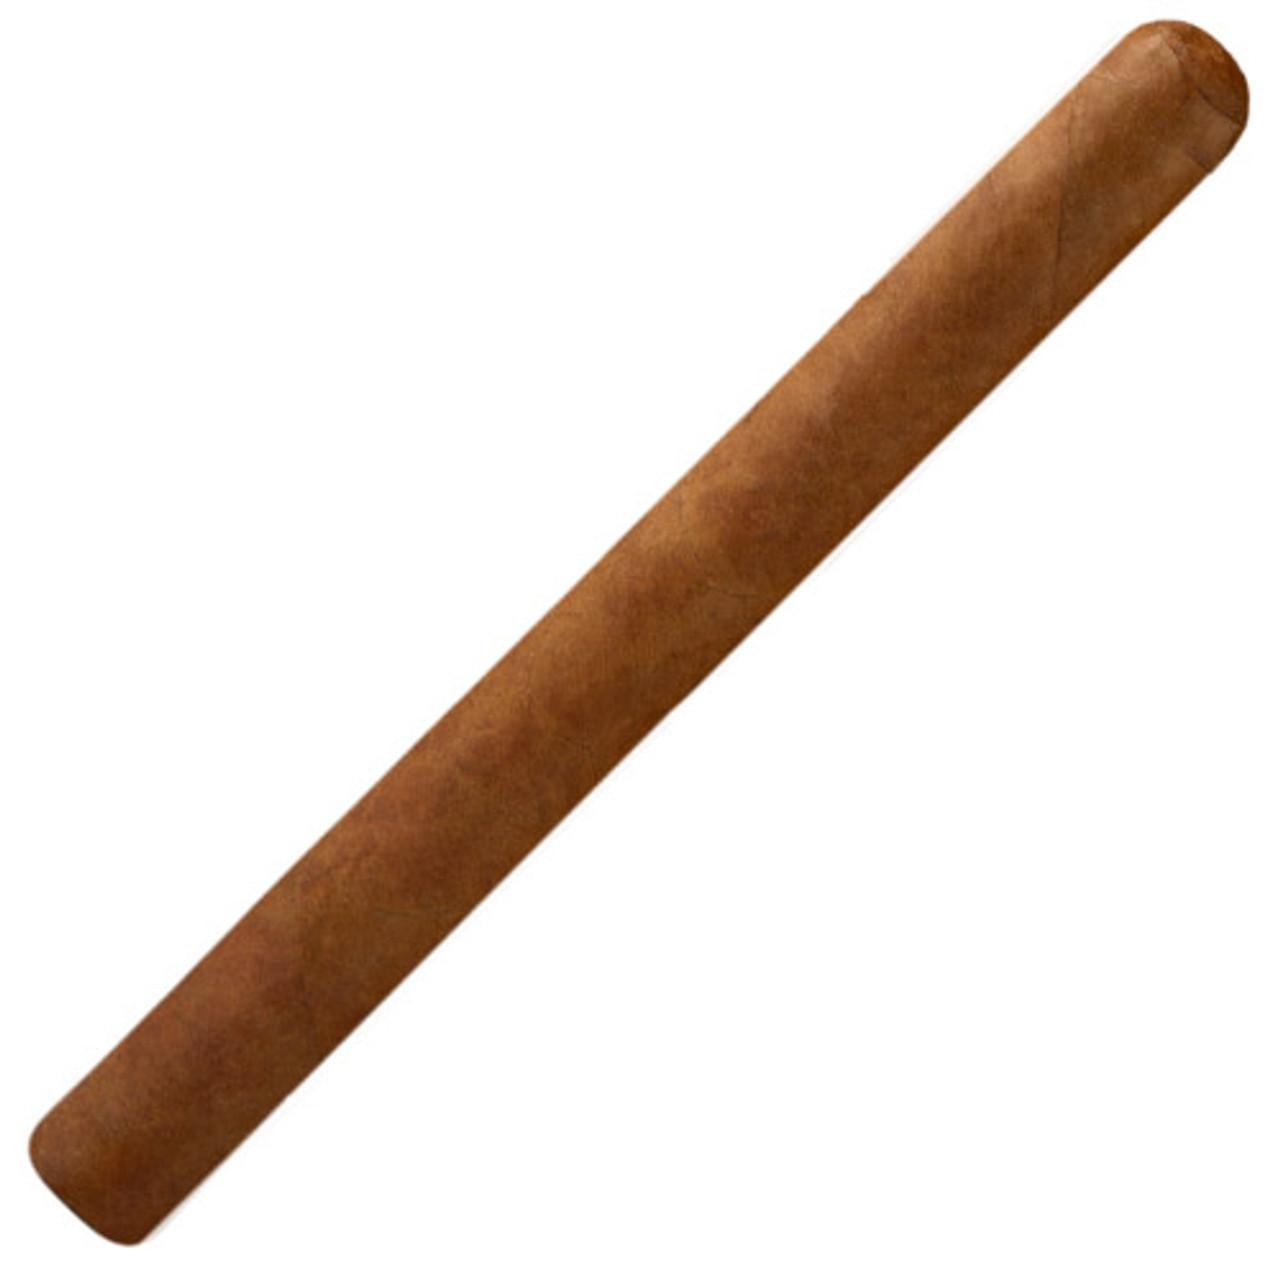 Nicaraguan Overruns Habano Lonsdale Cigars - 6.5 x 42 (Bundle of 20)